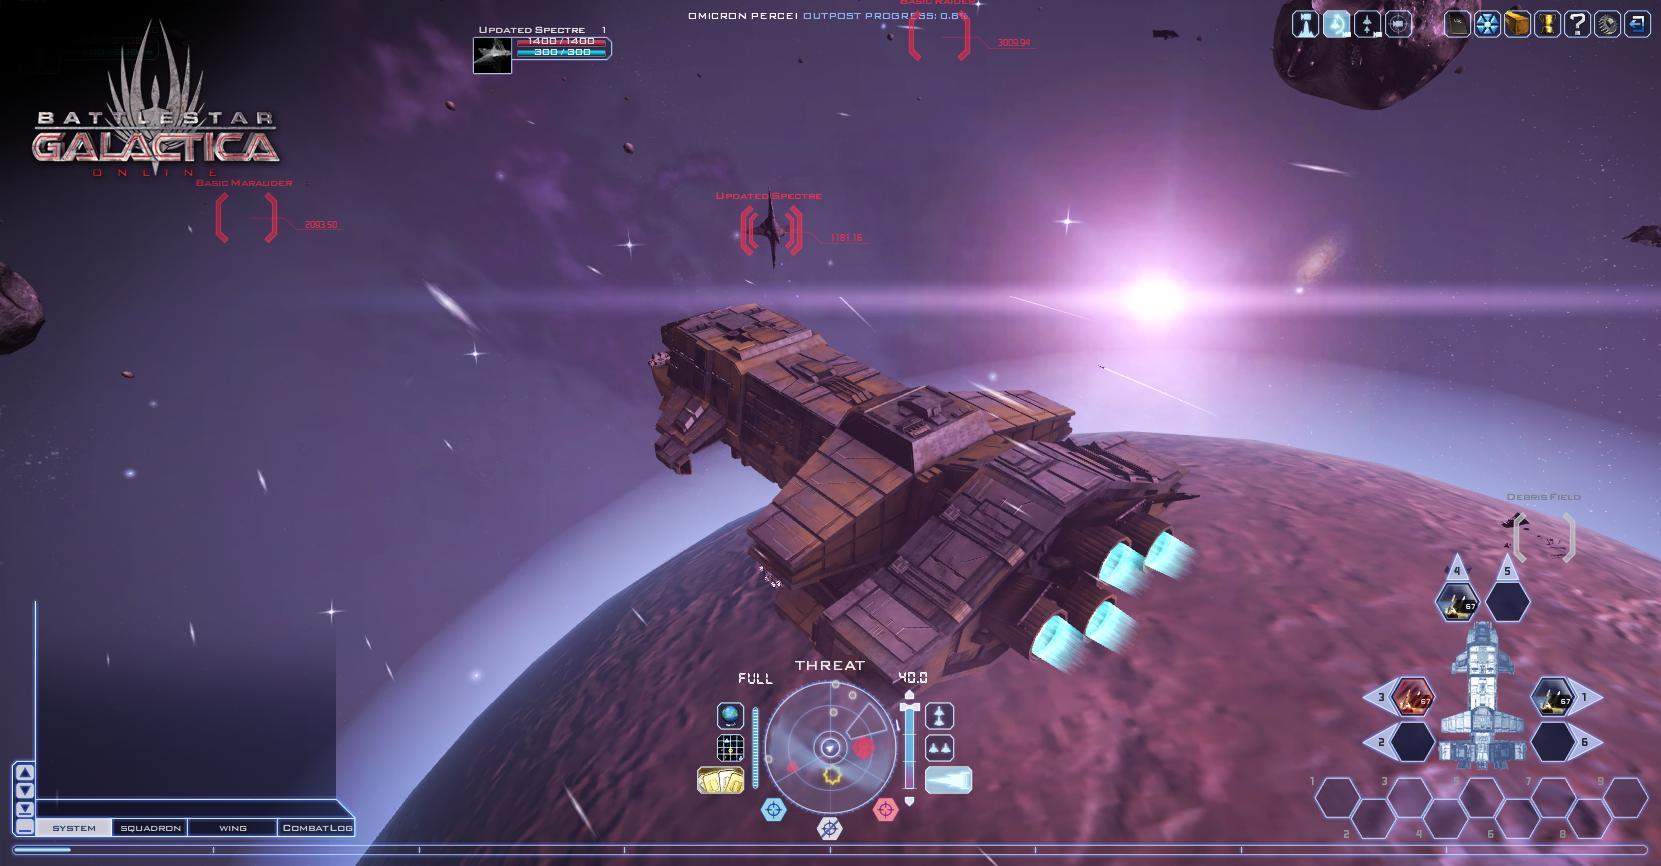 Звездный крейсер галактика играть онлайн